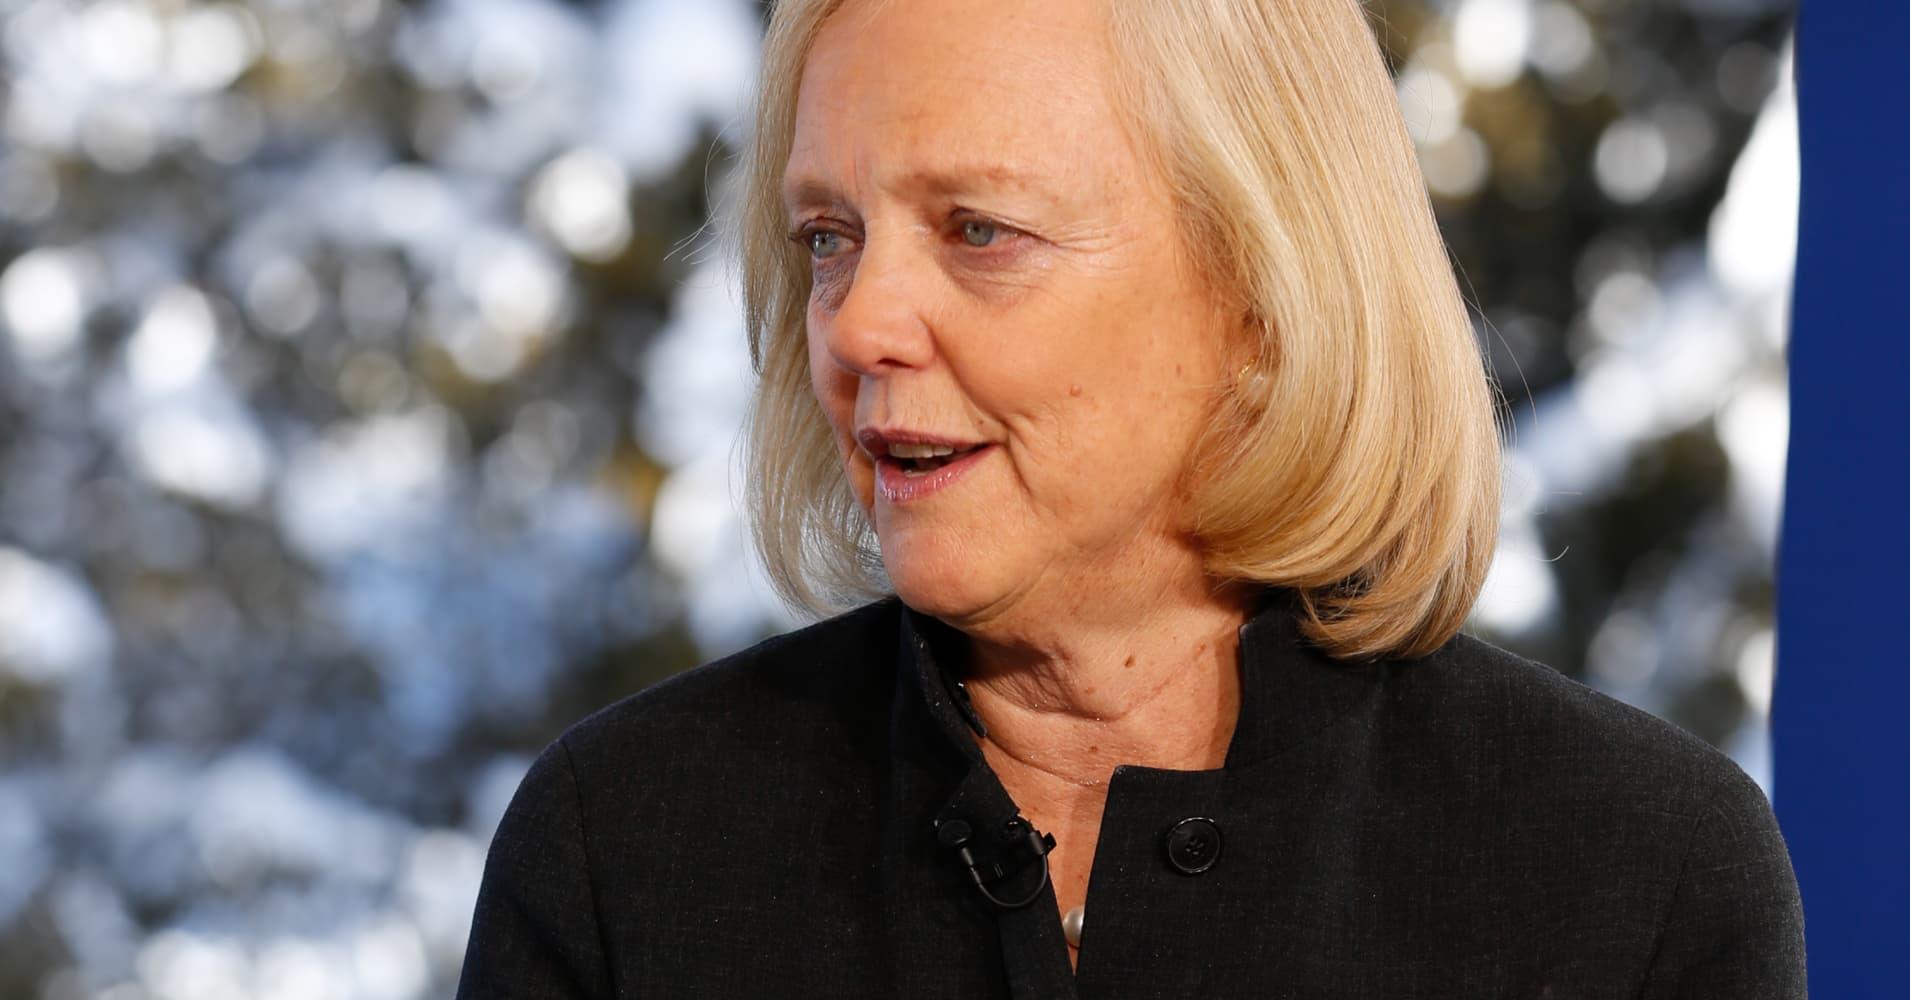 Meg Whitman Steps Down from HP Board